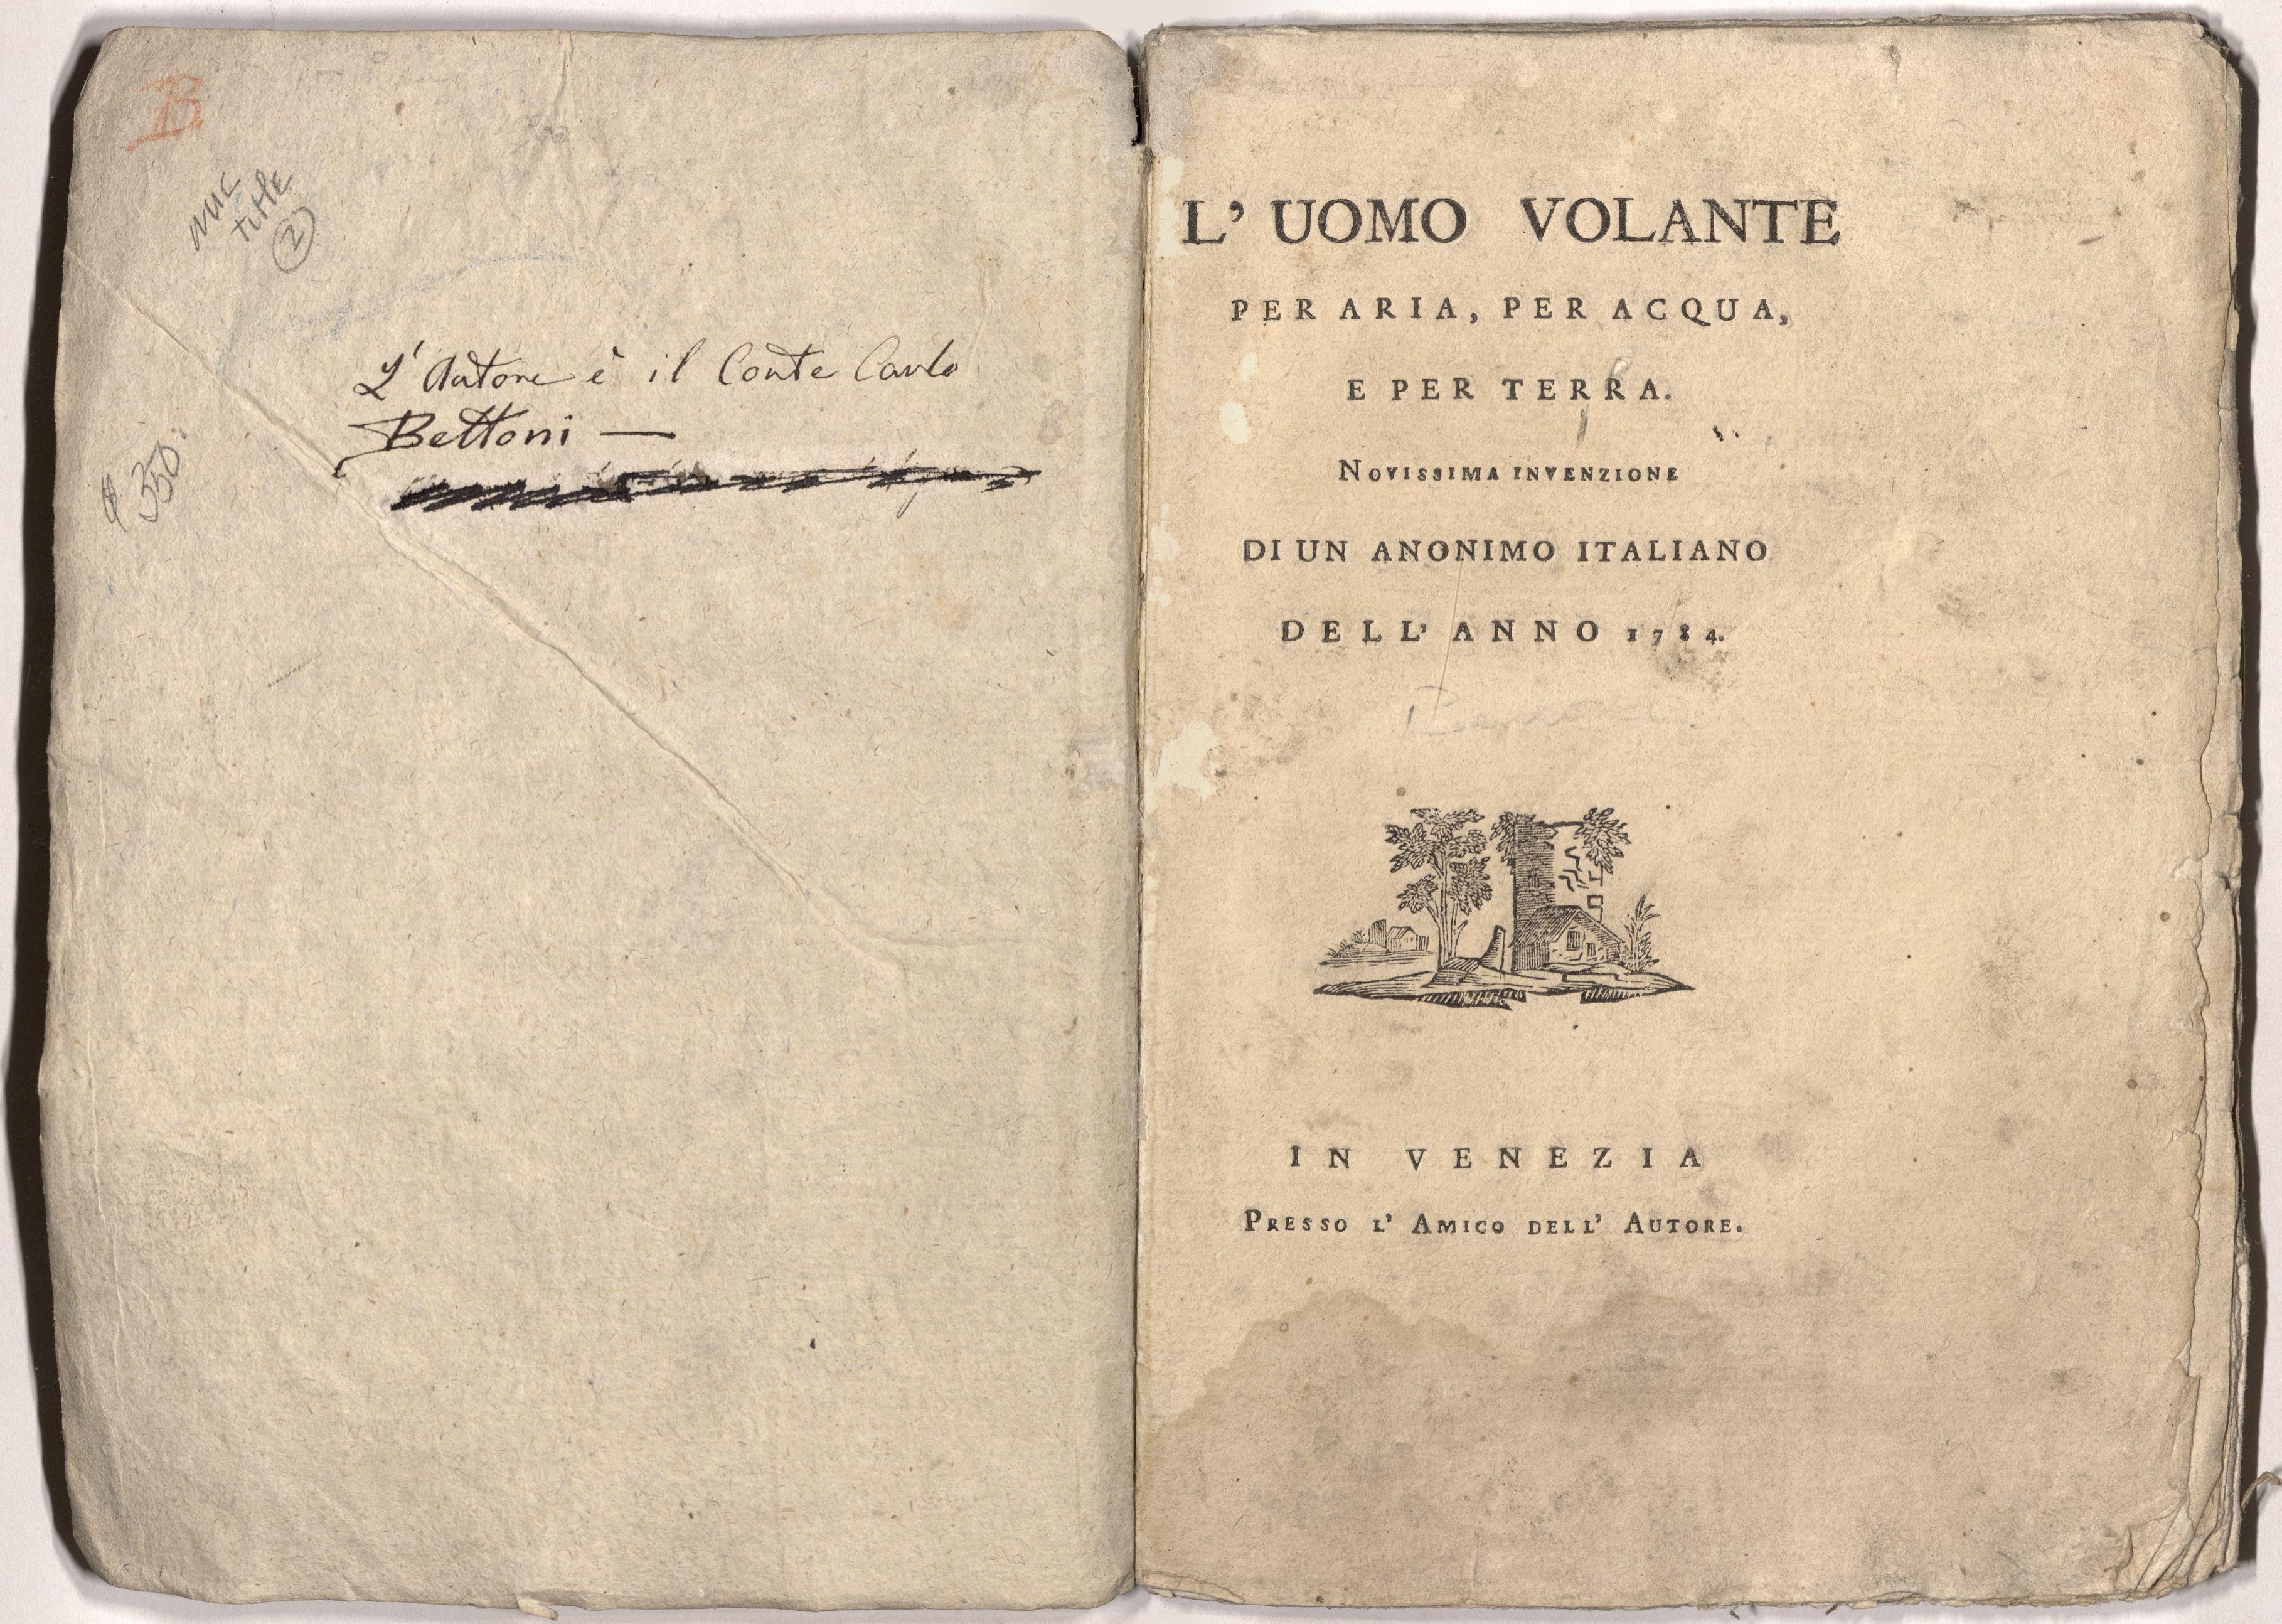 Title page ofTitle page of LUomo Volante per Aria, per Acqua, e per Terra. Novissima Invenzione di un Anonimo Italiano Dell Anno 1784. In Venizia Presso LAmico Dell Autore.